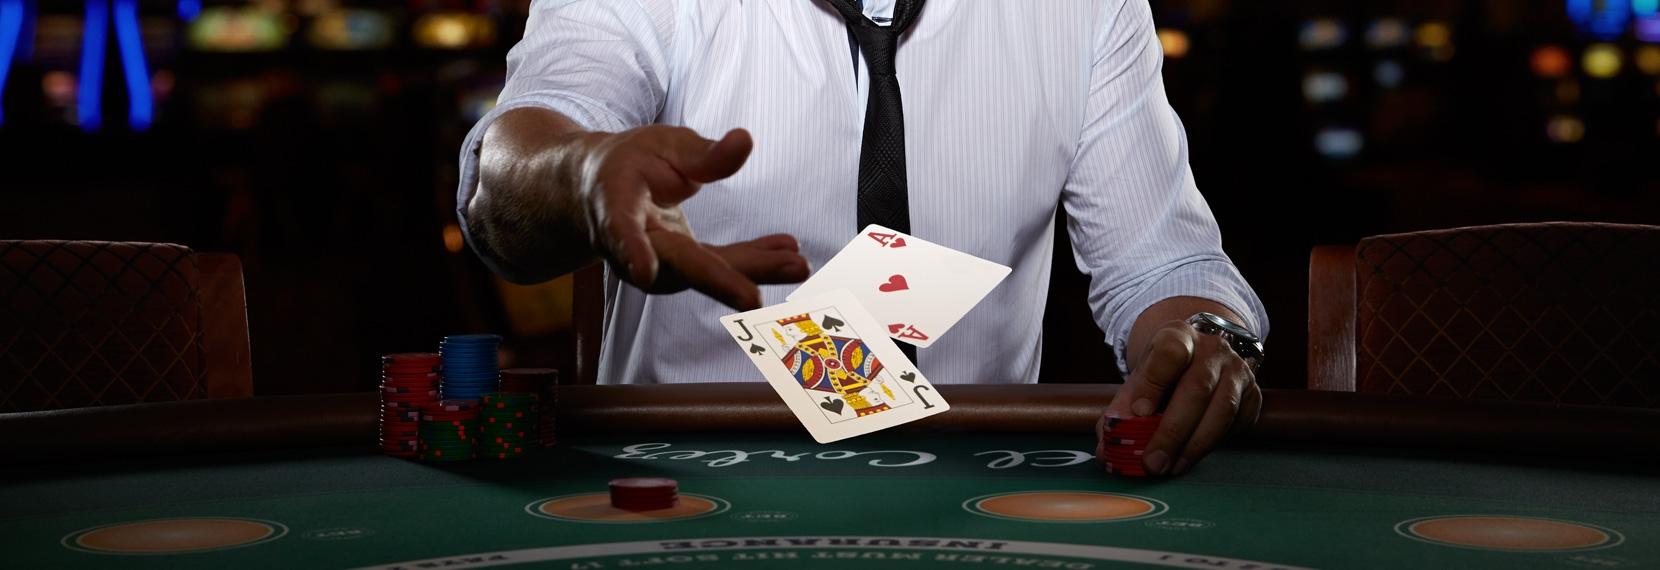 Best online casino for blackjack